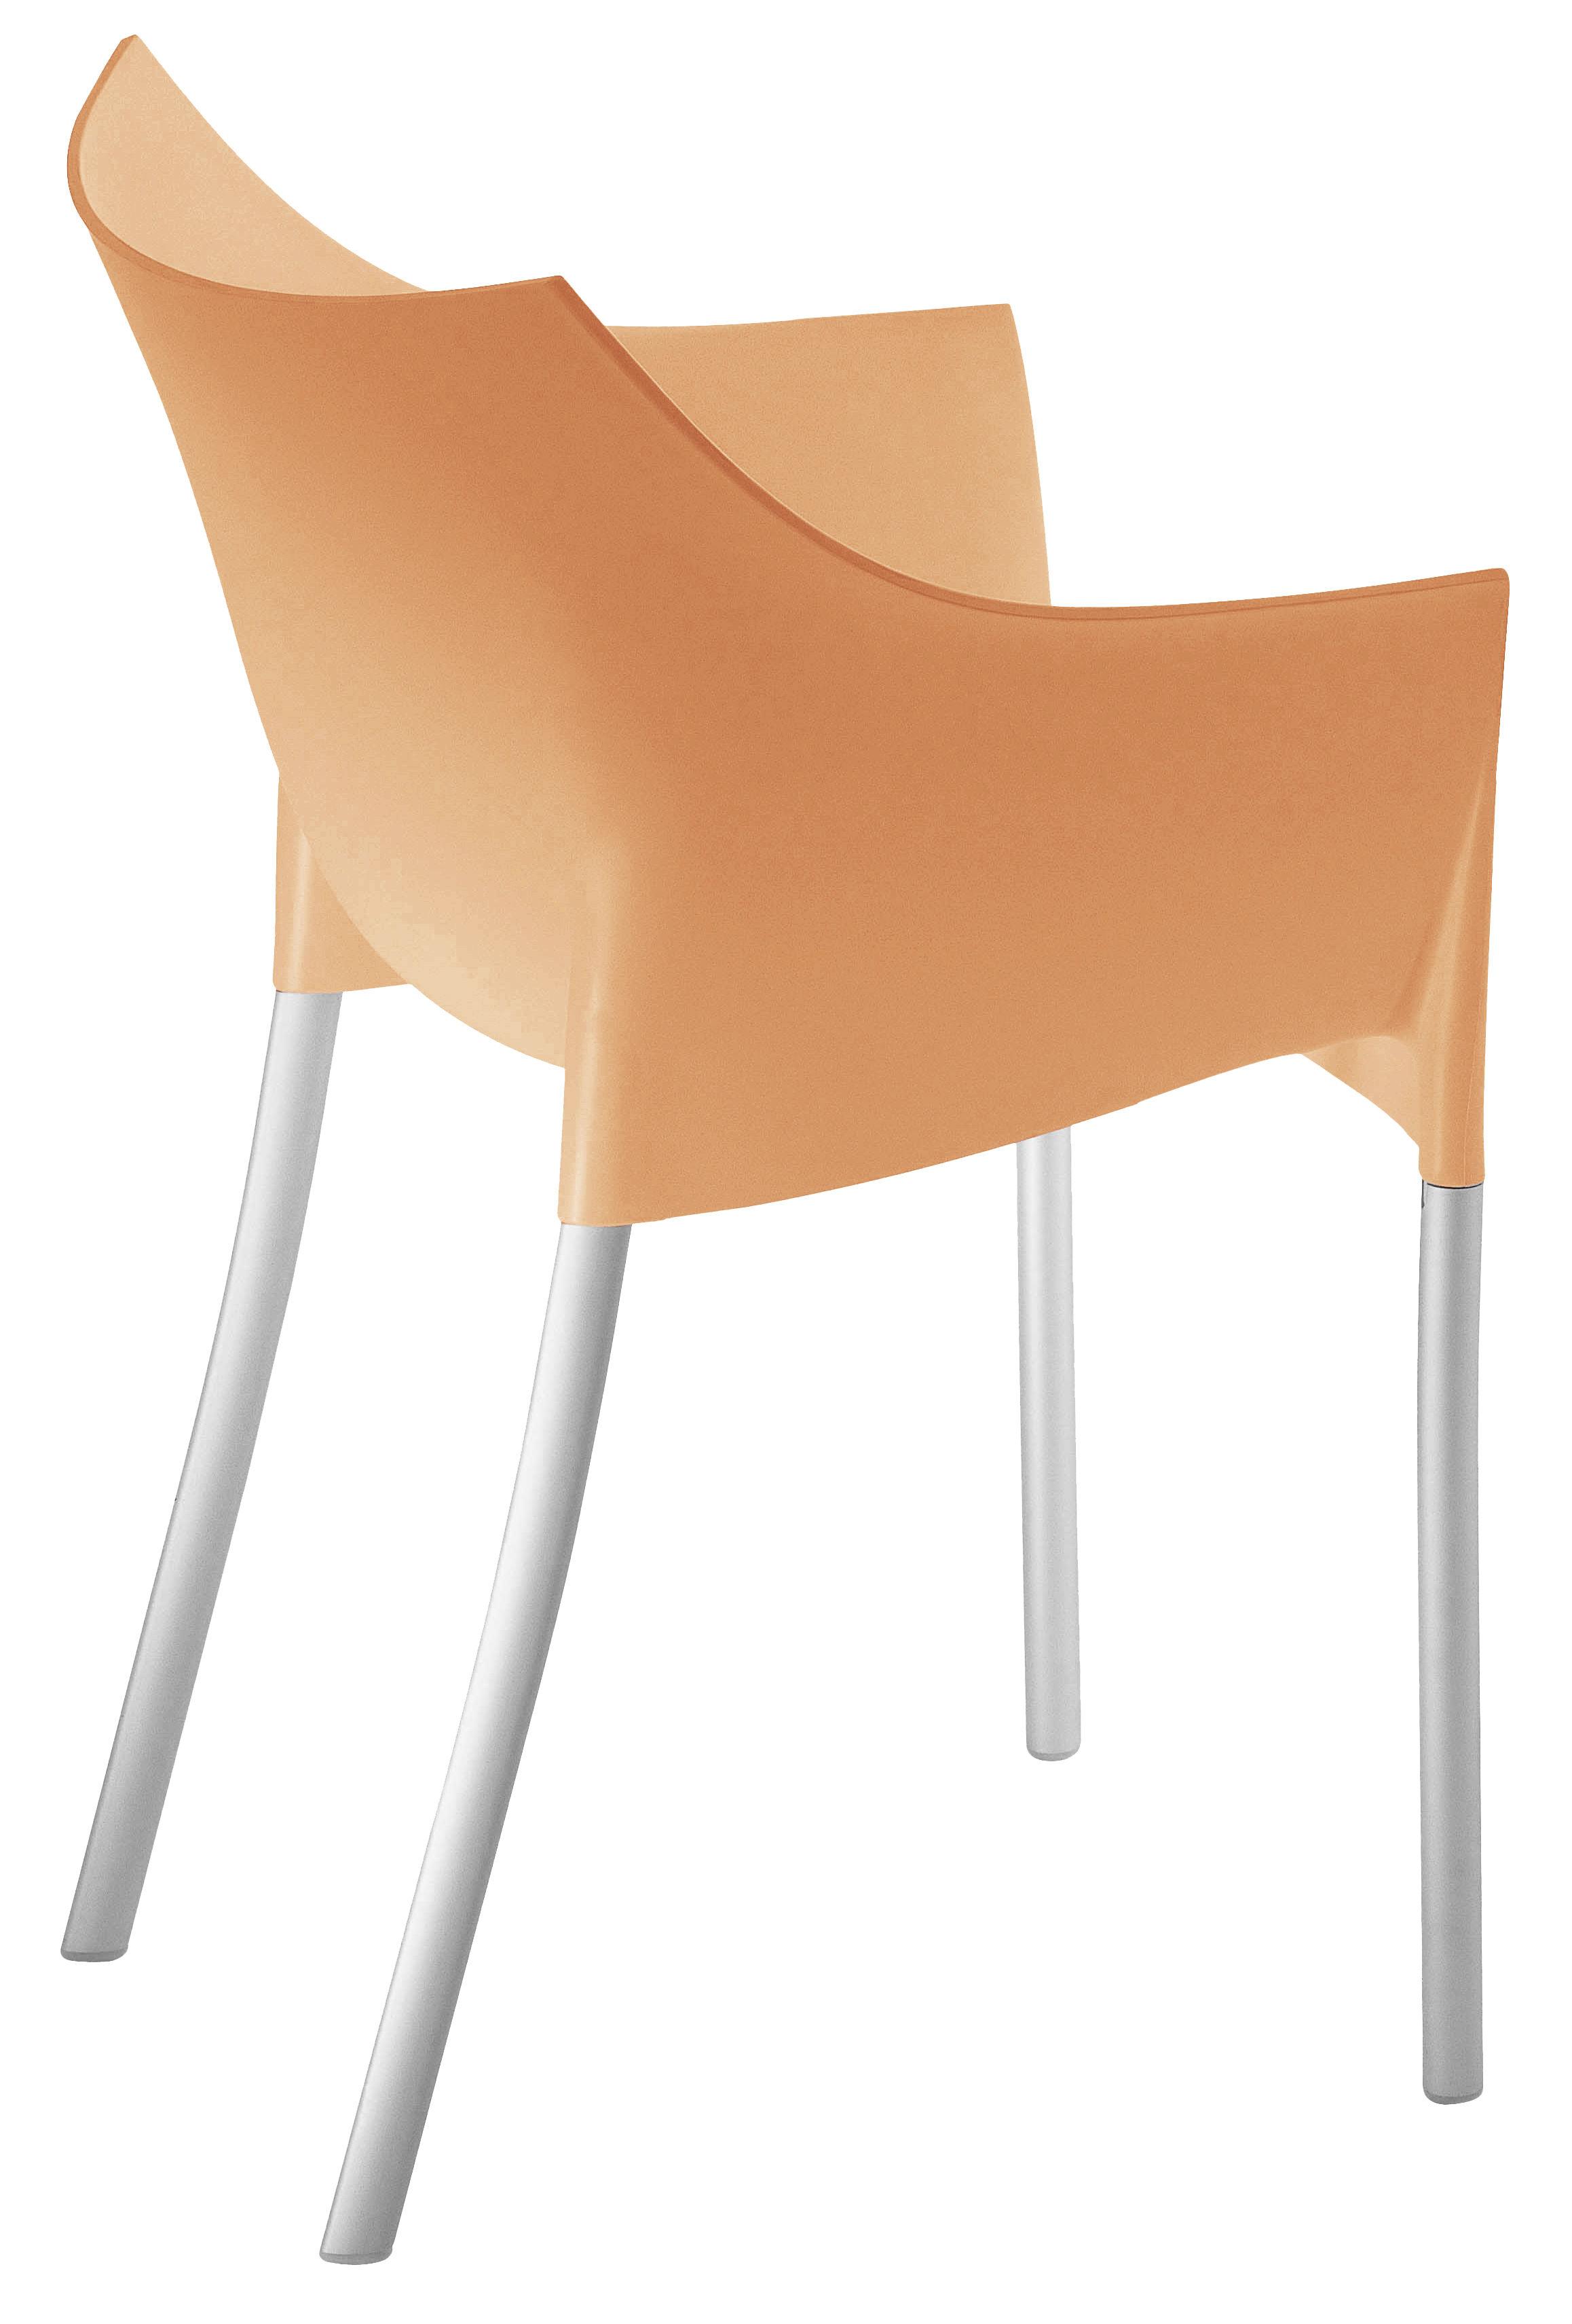 Arredamento - Sedie  - Poltrona impilabile Dr. No di Kartell - Arancione - Alluminio, Polipropilene